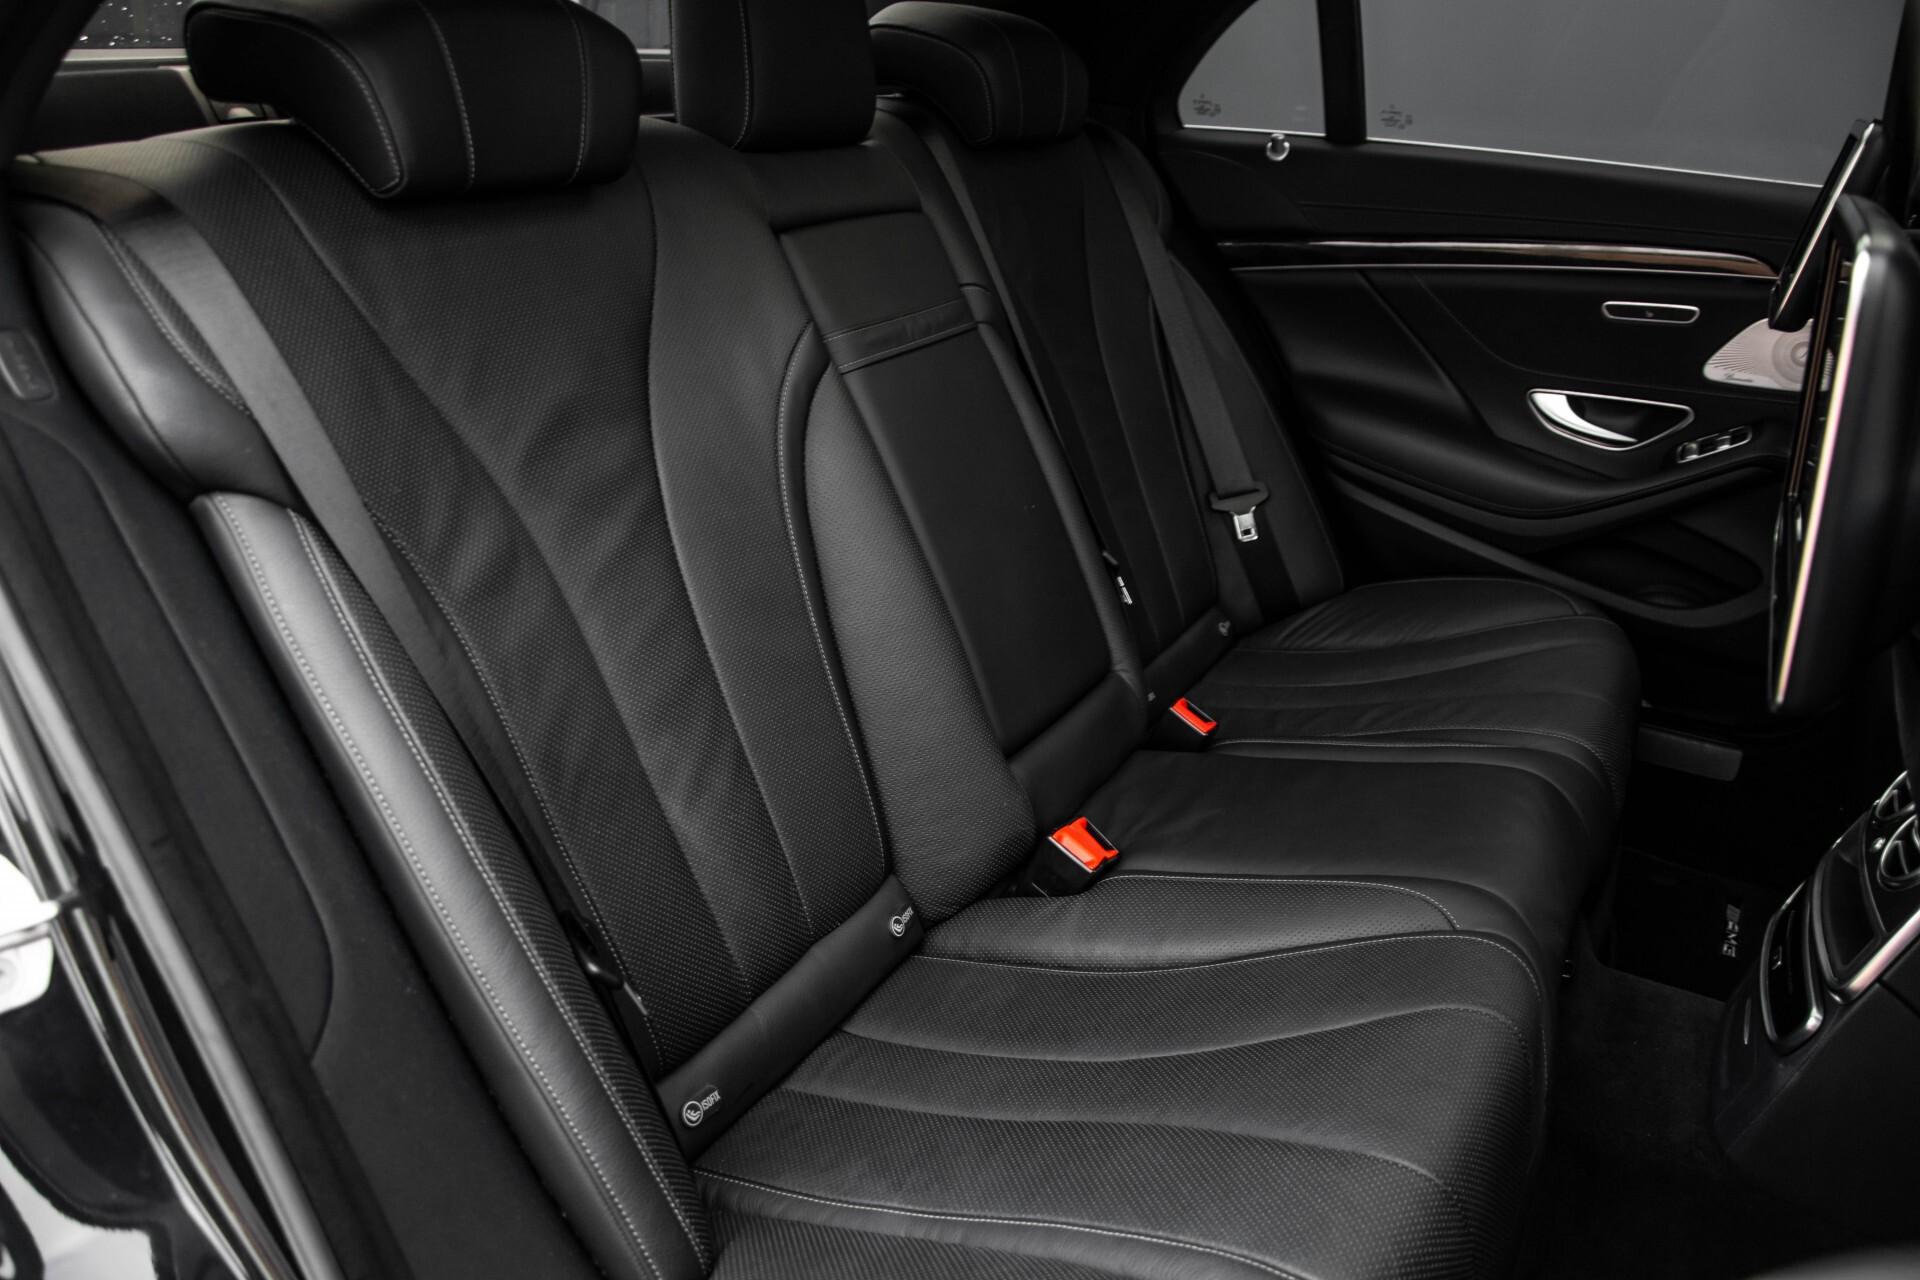 Mercedes-Benz S-Klasse 500 4-M AMG Panorama/Standkachel/Massage/Entertainment/TV Aut7 Foto 5